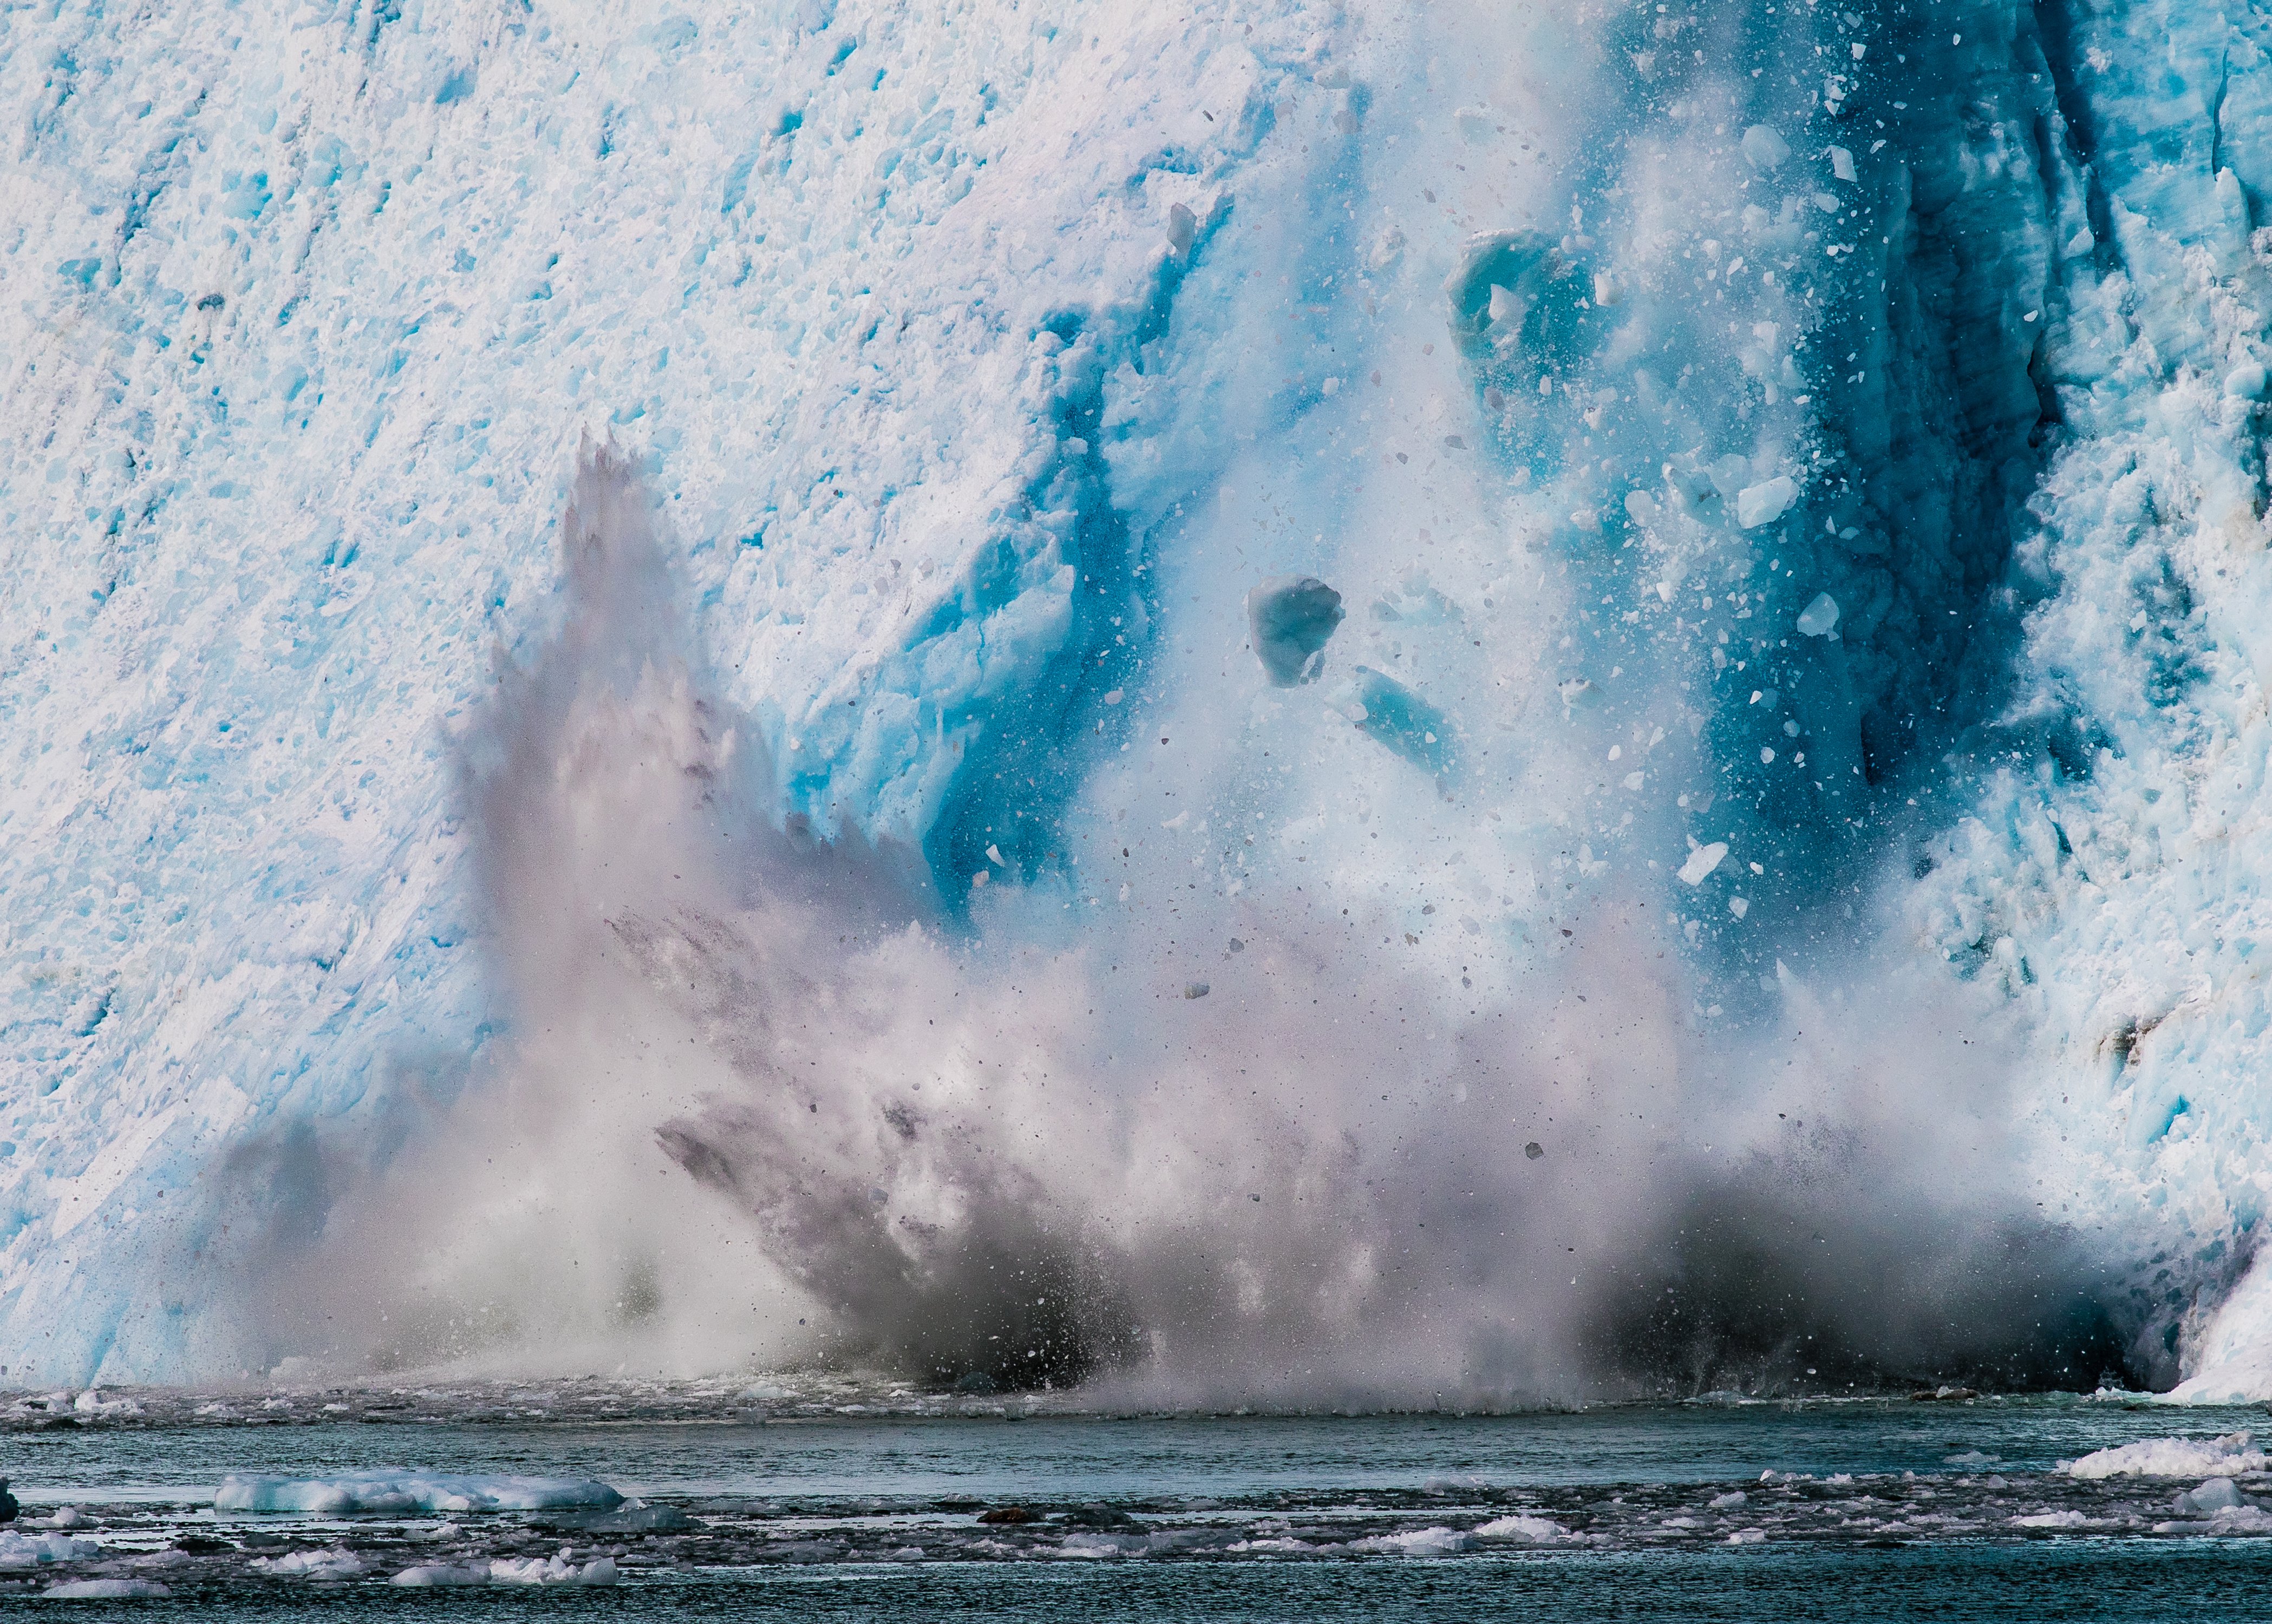 Ice glacier falling into the ocean